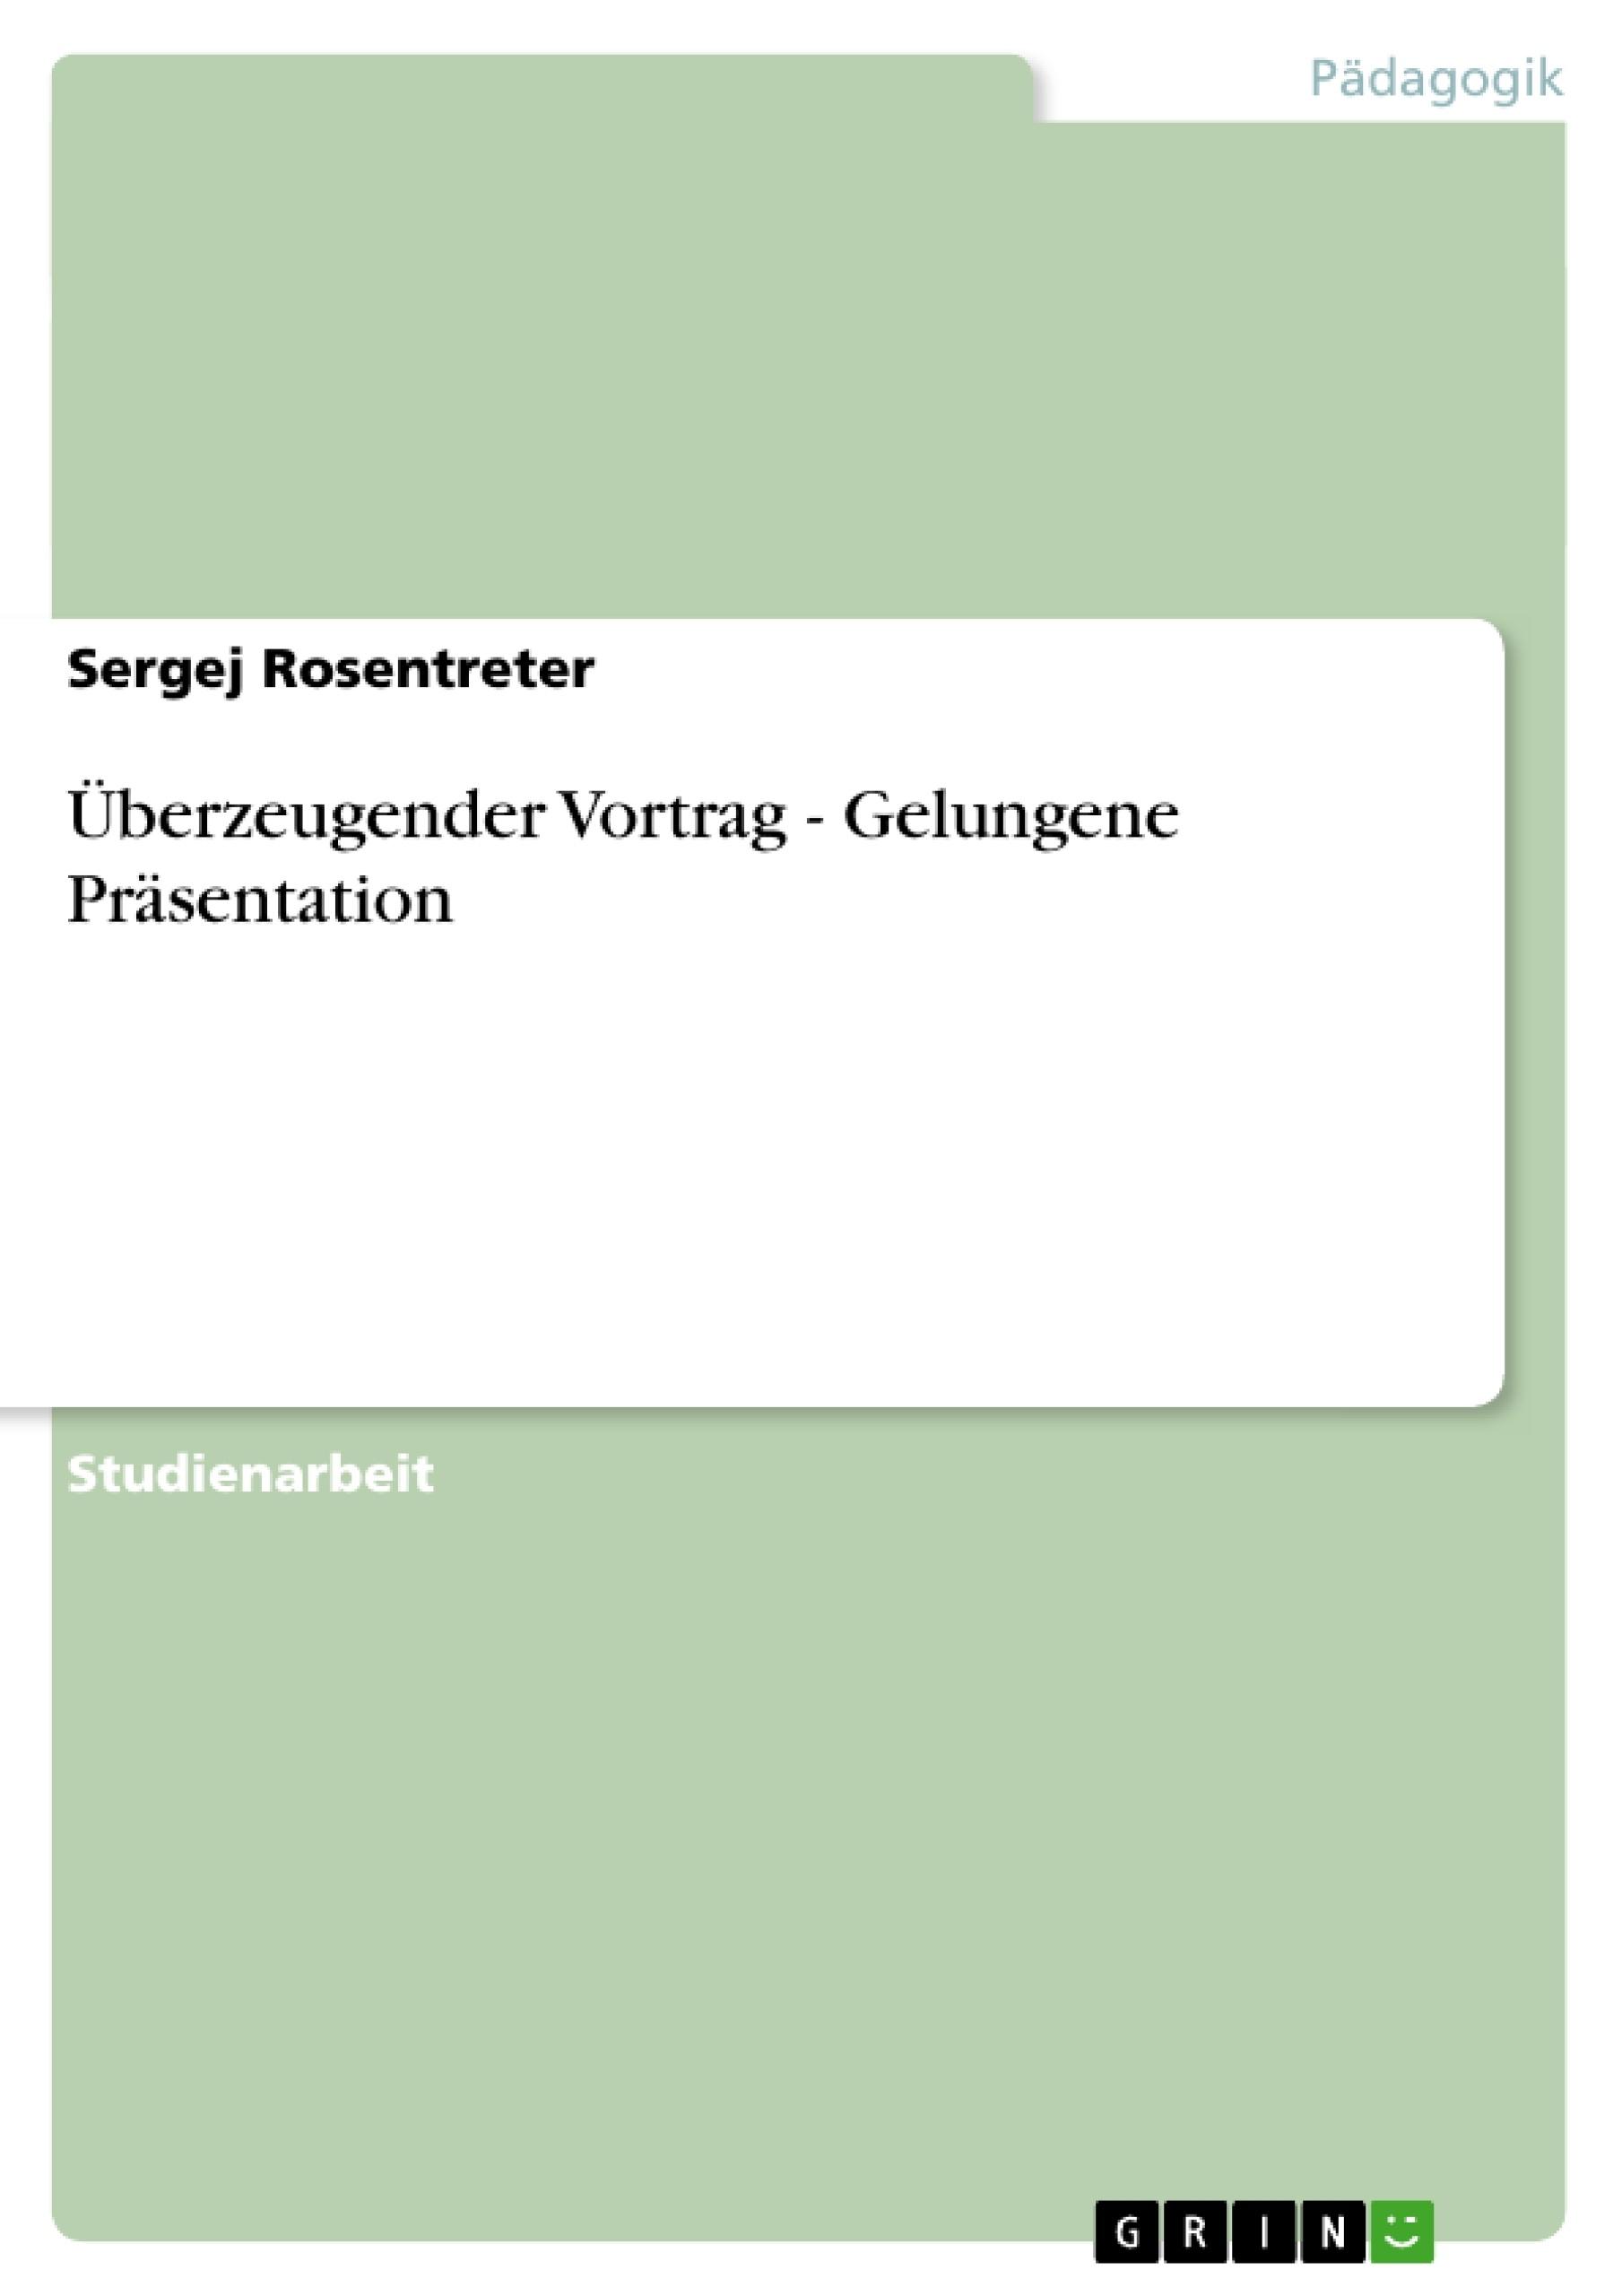 Titel: Überzeugender Vortrag - Gelungene Präsentation